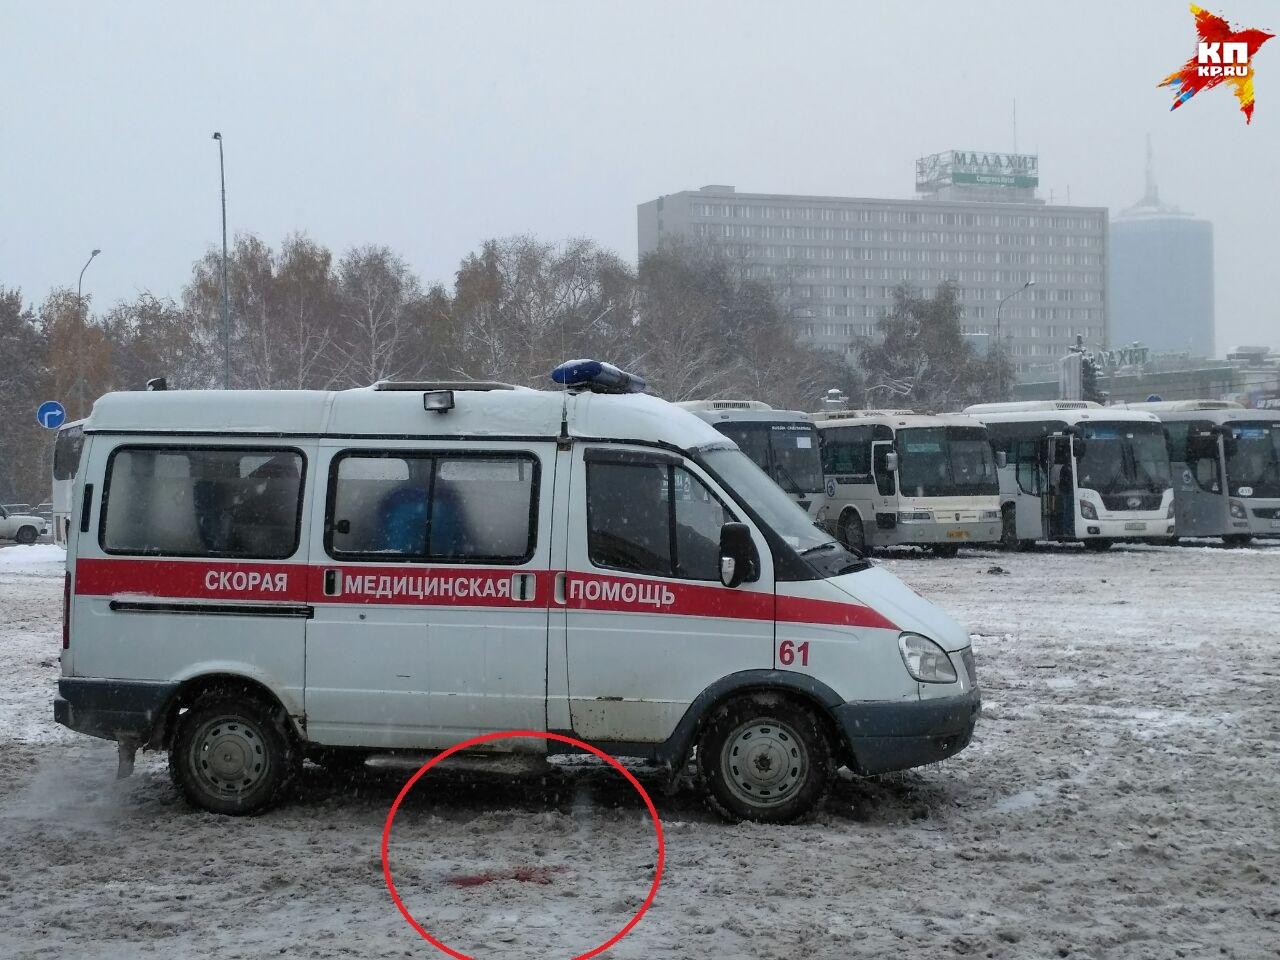 ВЧелябинске наавтовокзале рейсовый автобус насмерть сбил девушку